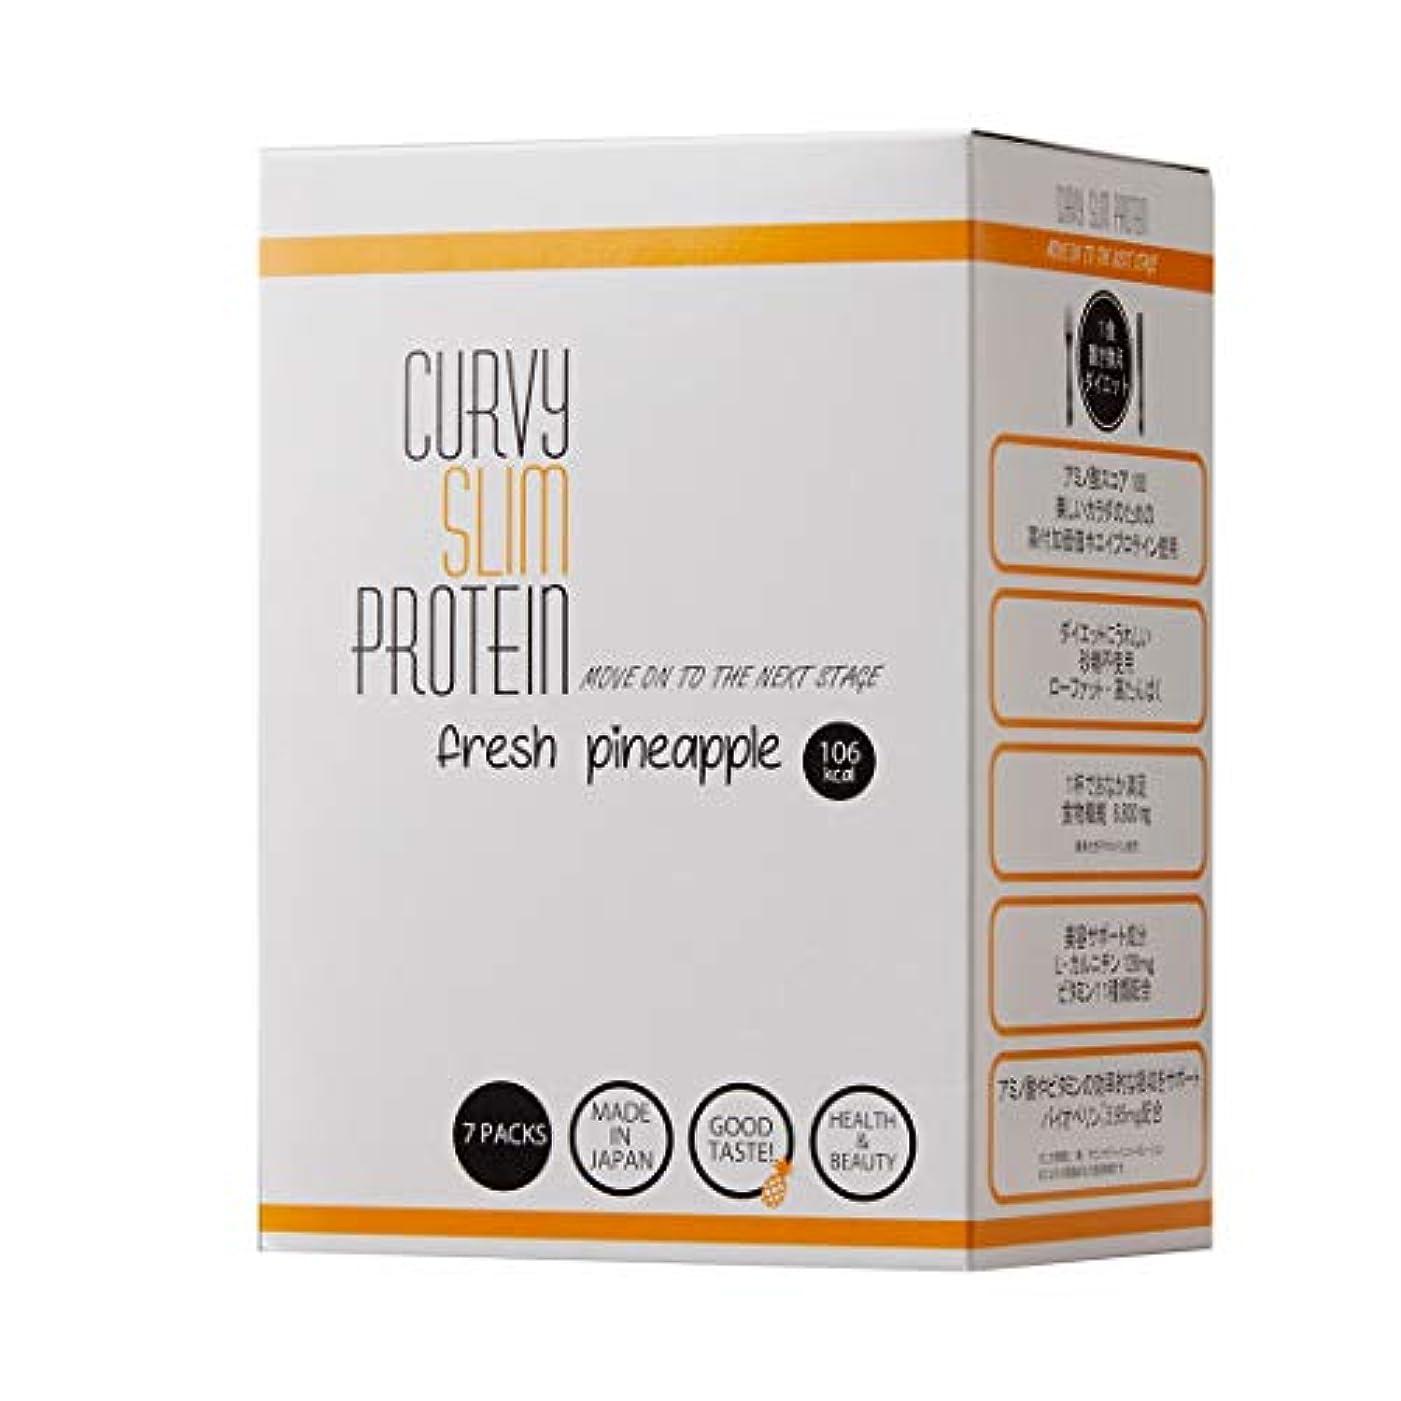 はっきりとグリーンランドおなかがすいたカーヴィースリム® プロテイン フレッシュパイナップル 置き換え ダイエット 7包(7食分)